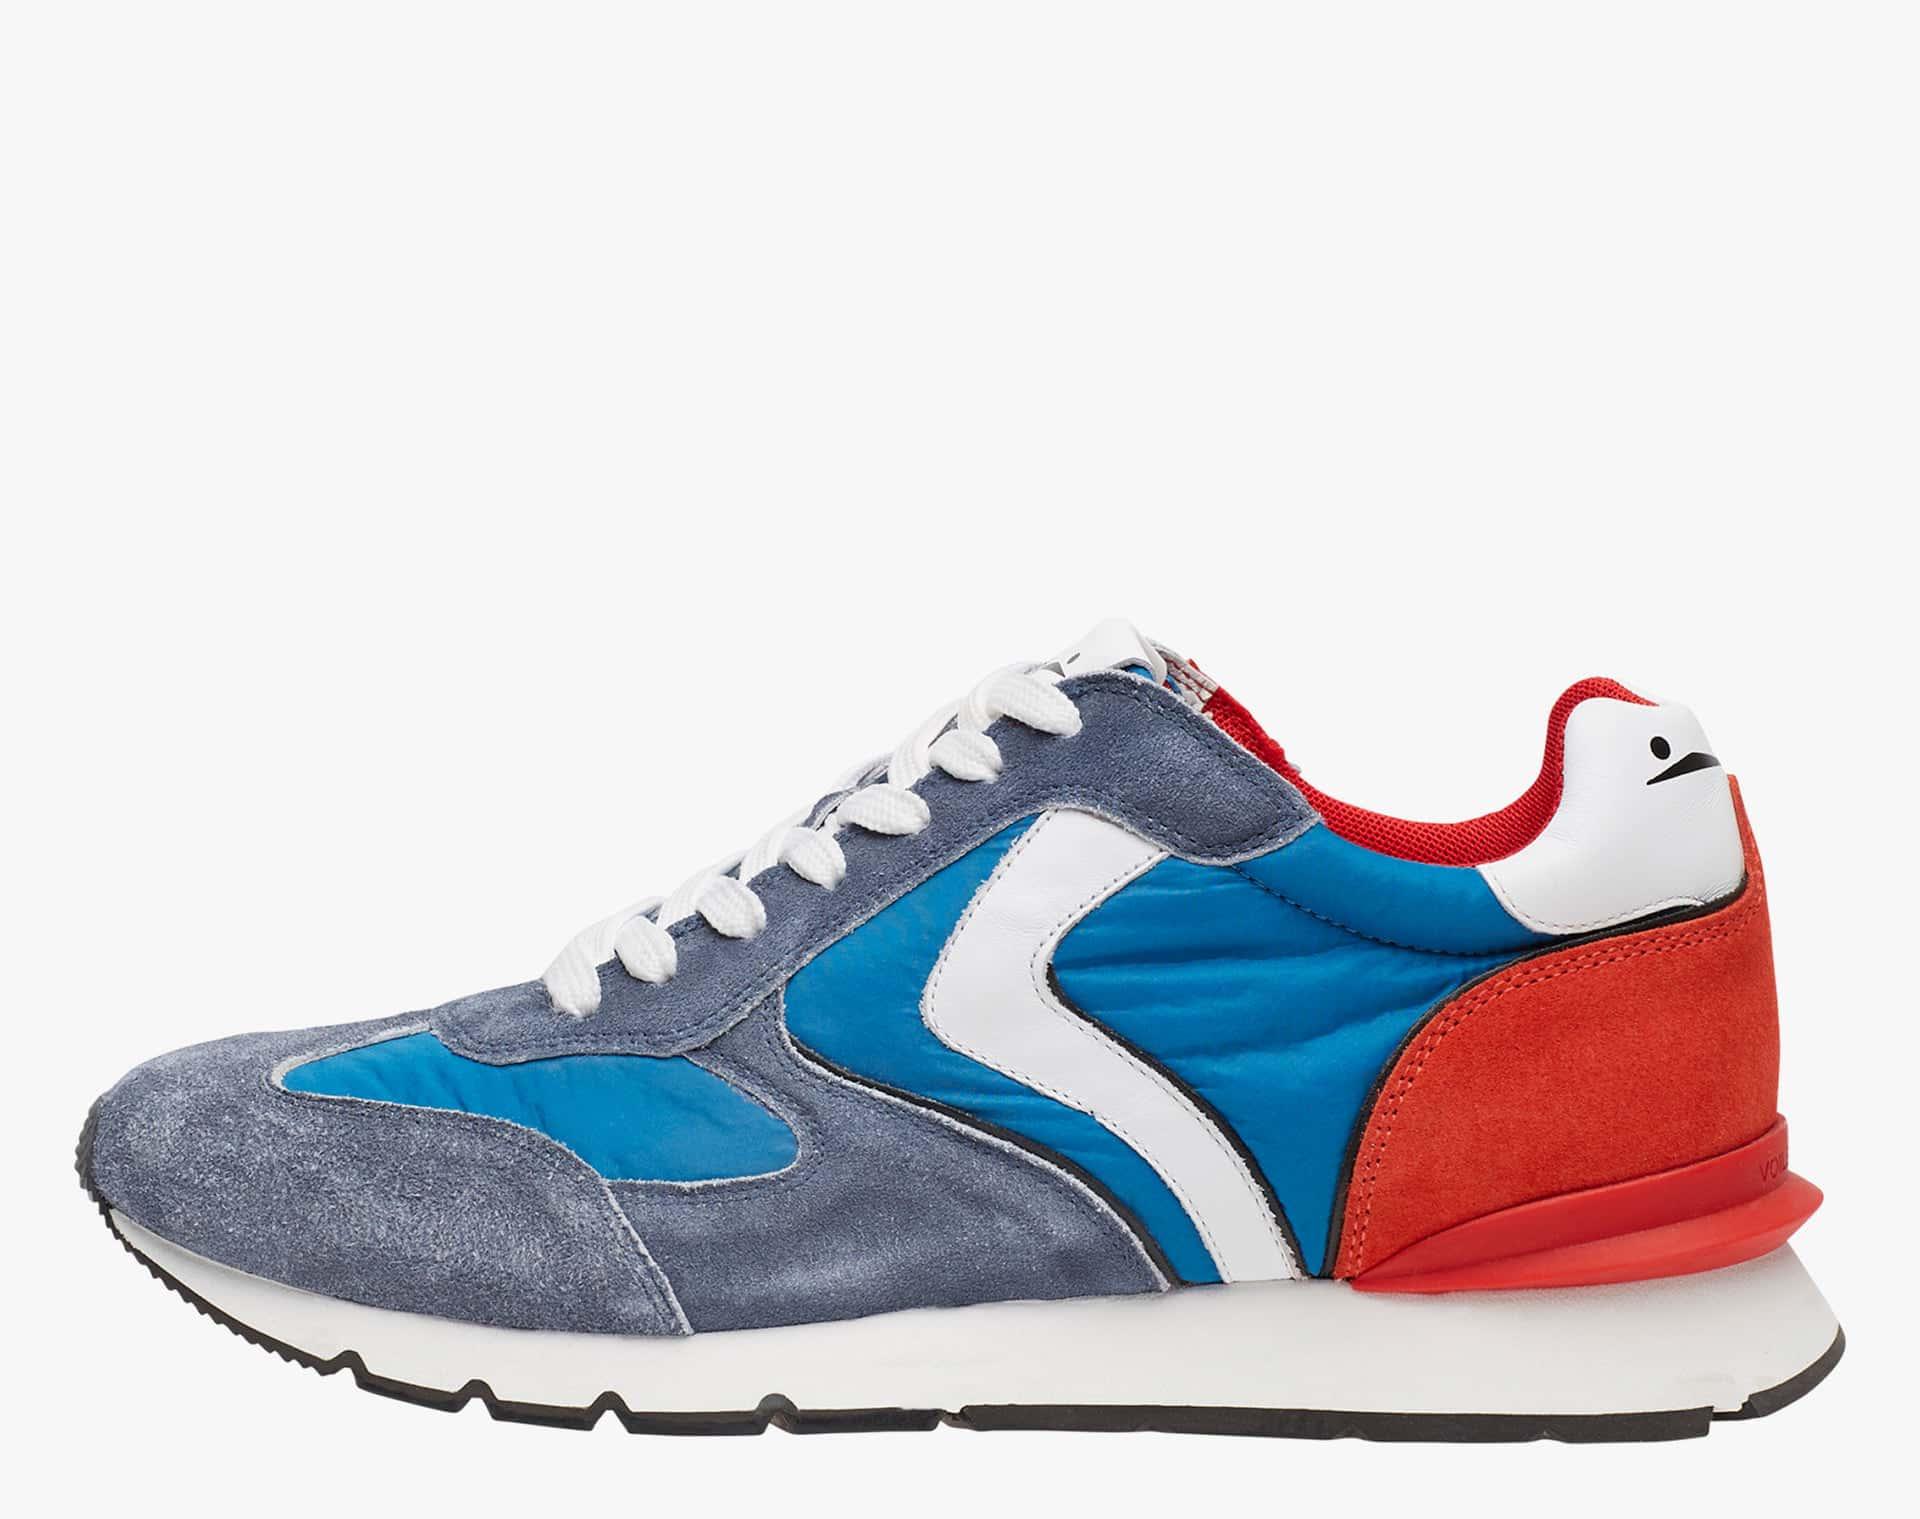 NEW LIAM RACE - Sneaker in vitello velour e tessuto tecnico - Blu/Rosso